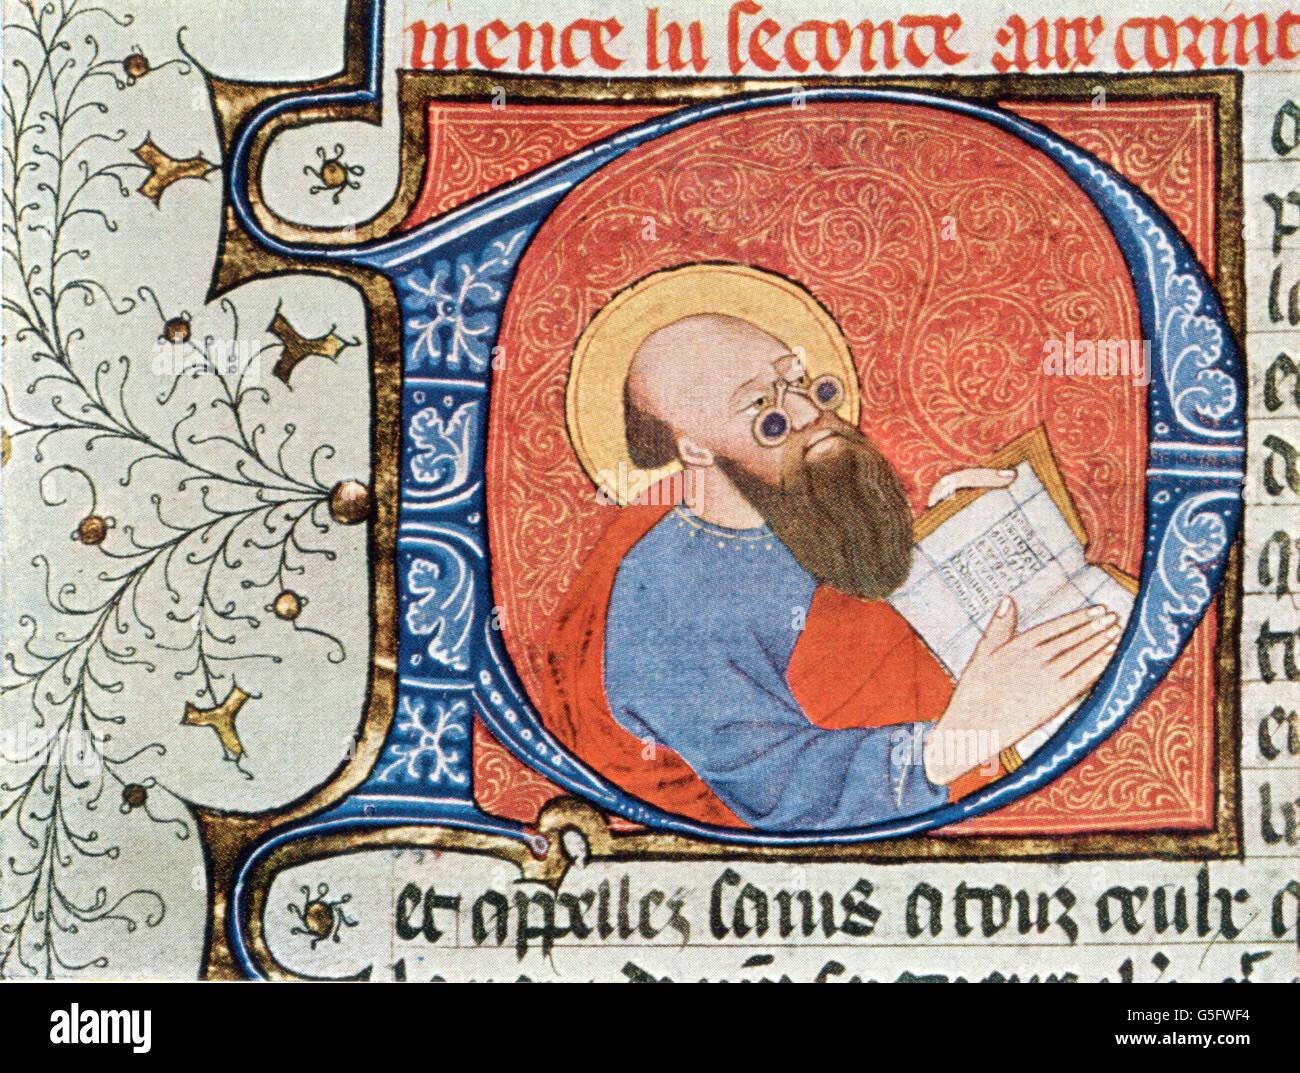 Medizin, Augenheilkunde, Saint mit Brille, erste einer mittelalterlichen Handschrift, Grafik, Grafiken, Mittelalter, Stockbild